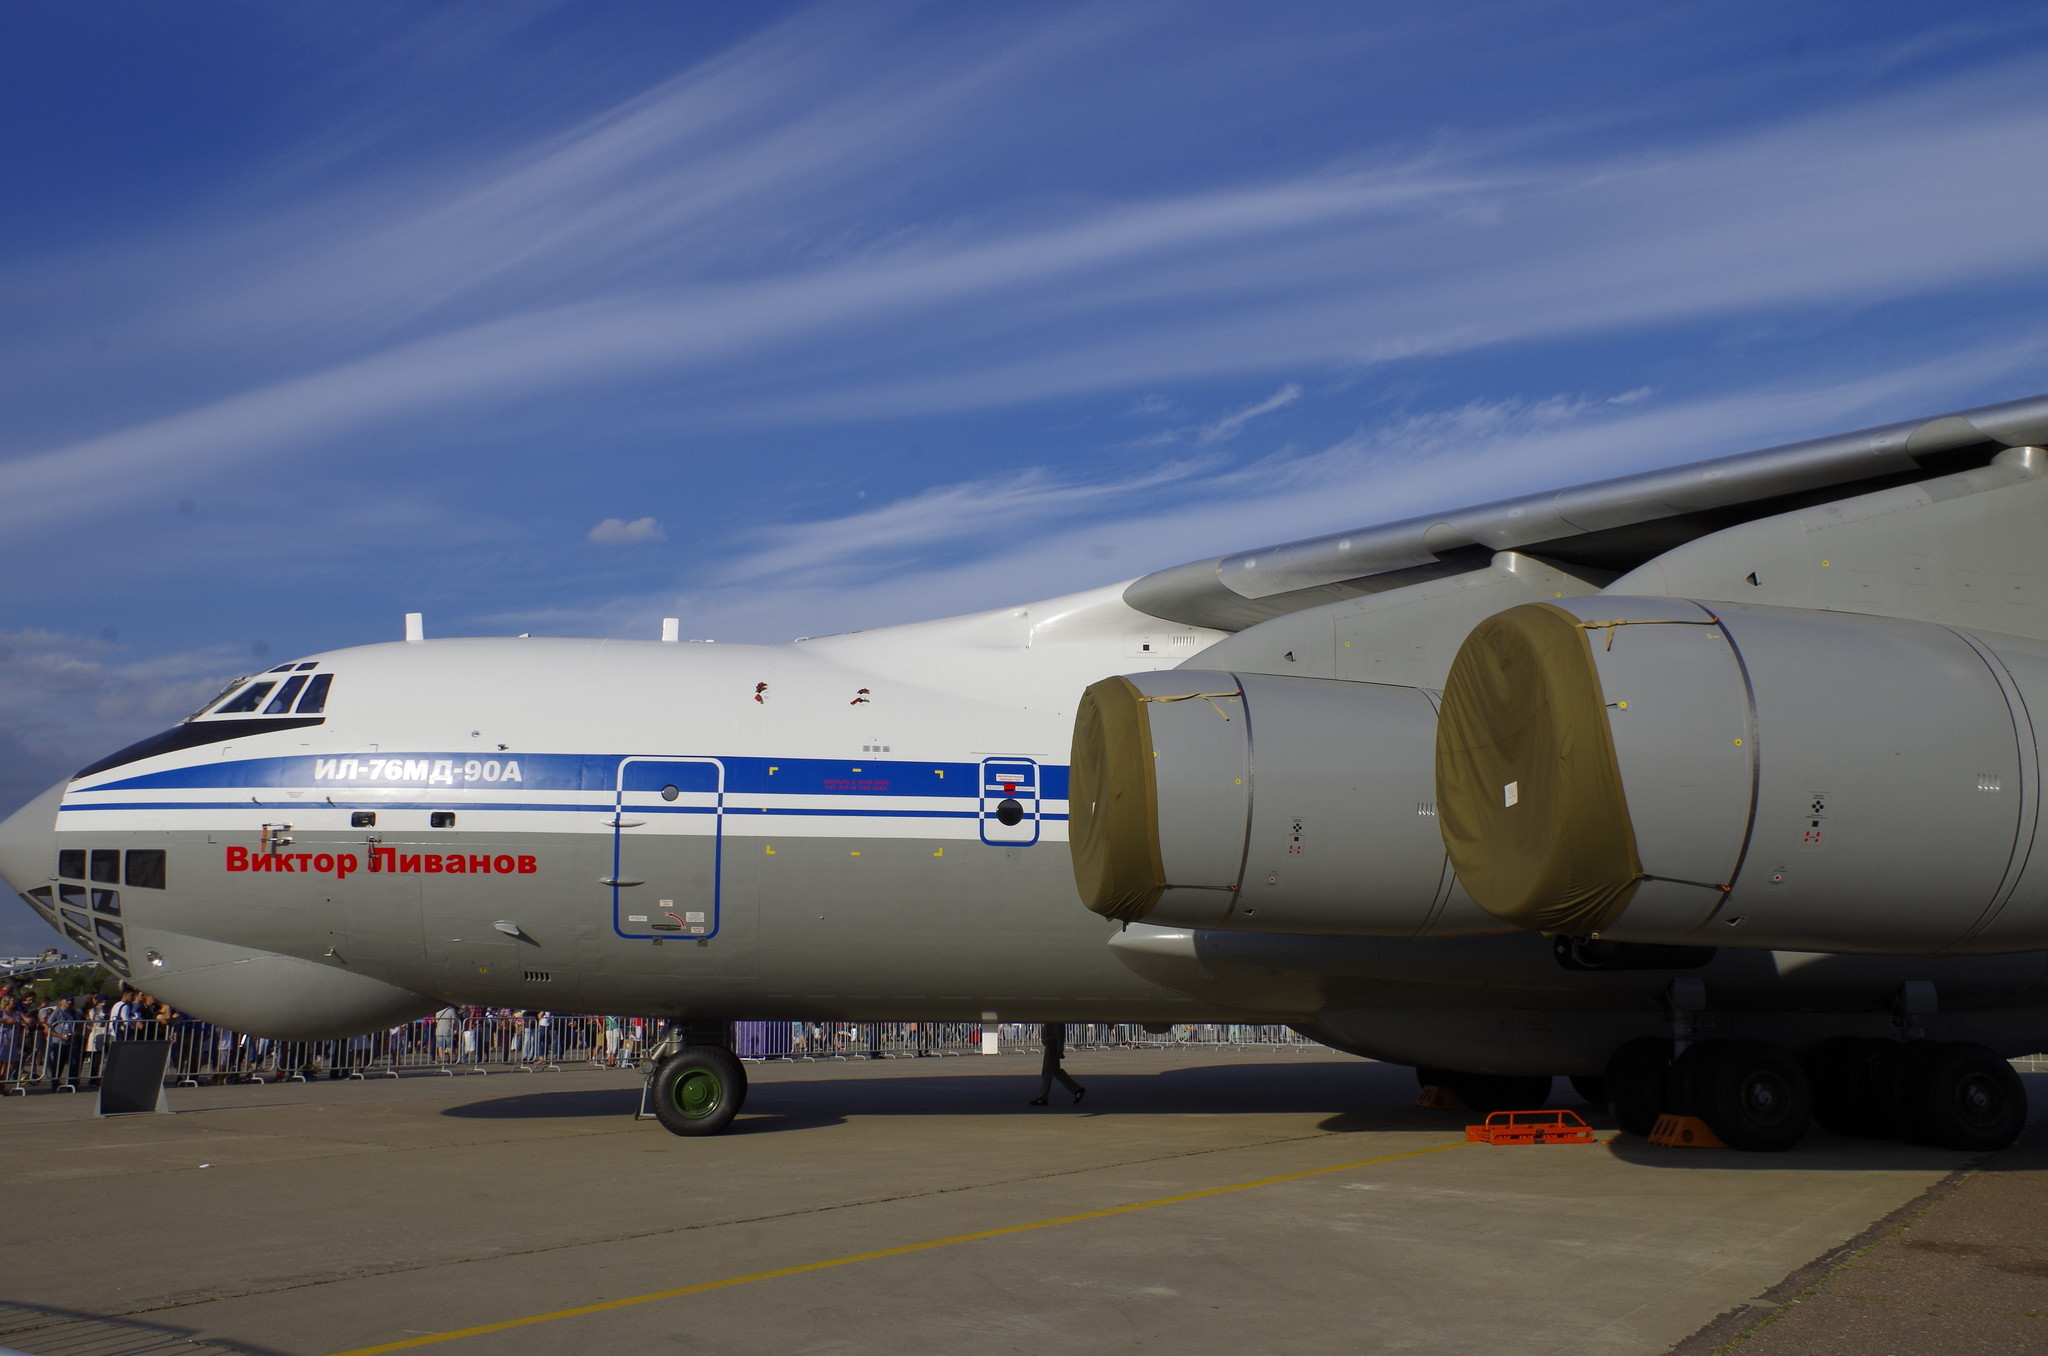 Самолёт Ил-76МД-90А «Виктор Ливанов»